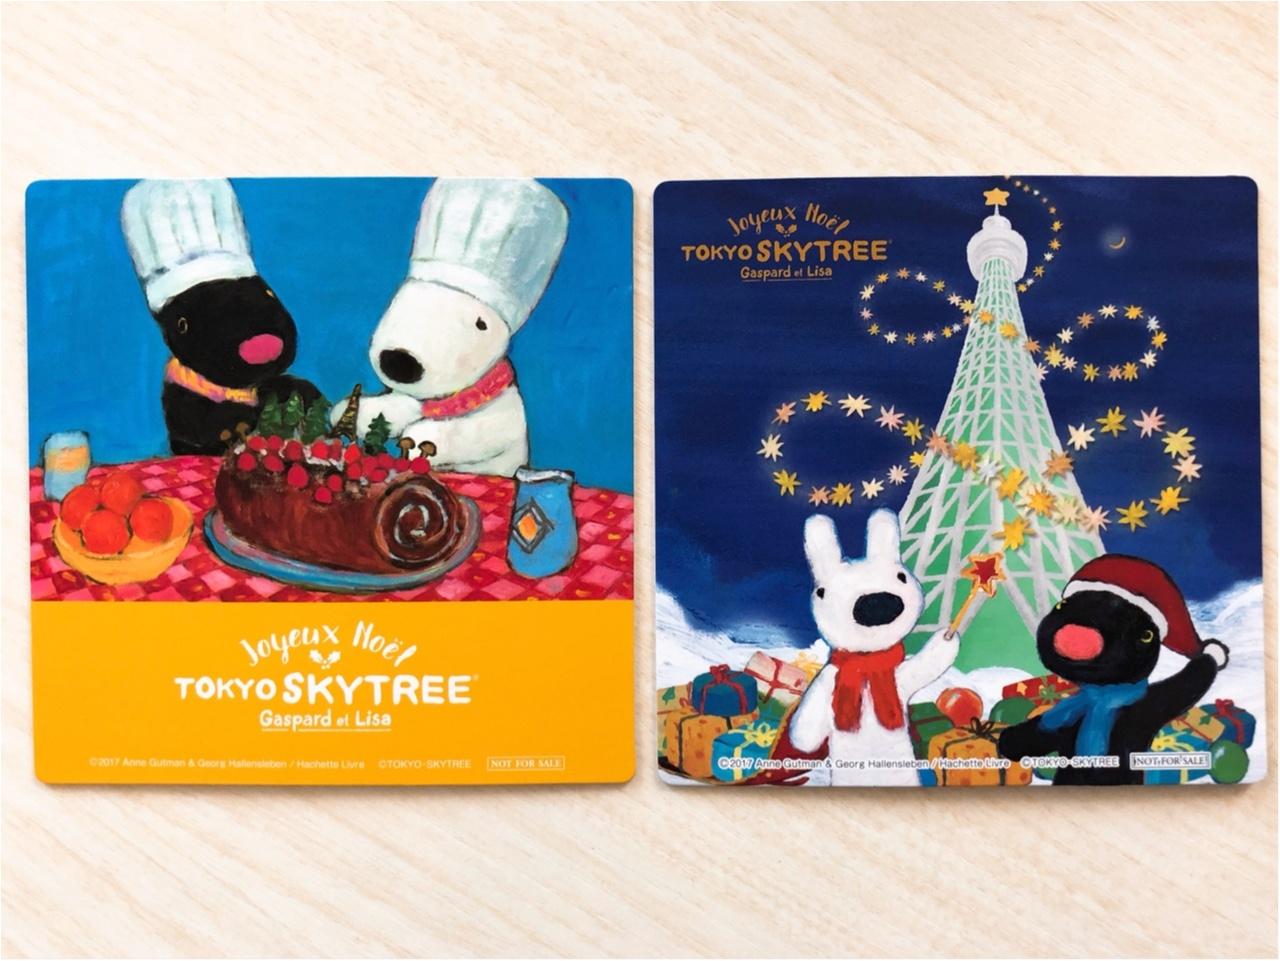 東京スカイツリー展望デッキで夜景とともに『リサとガスパール』のコラボクリスマス!!_5